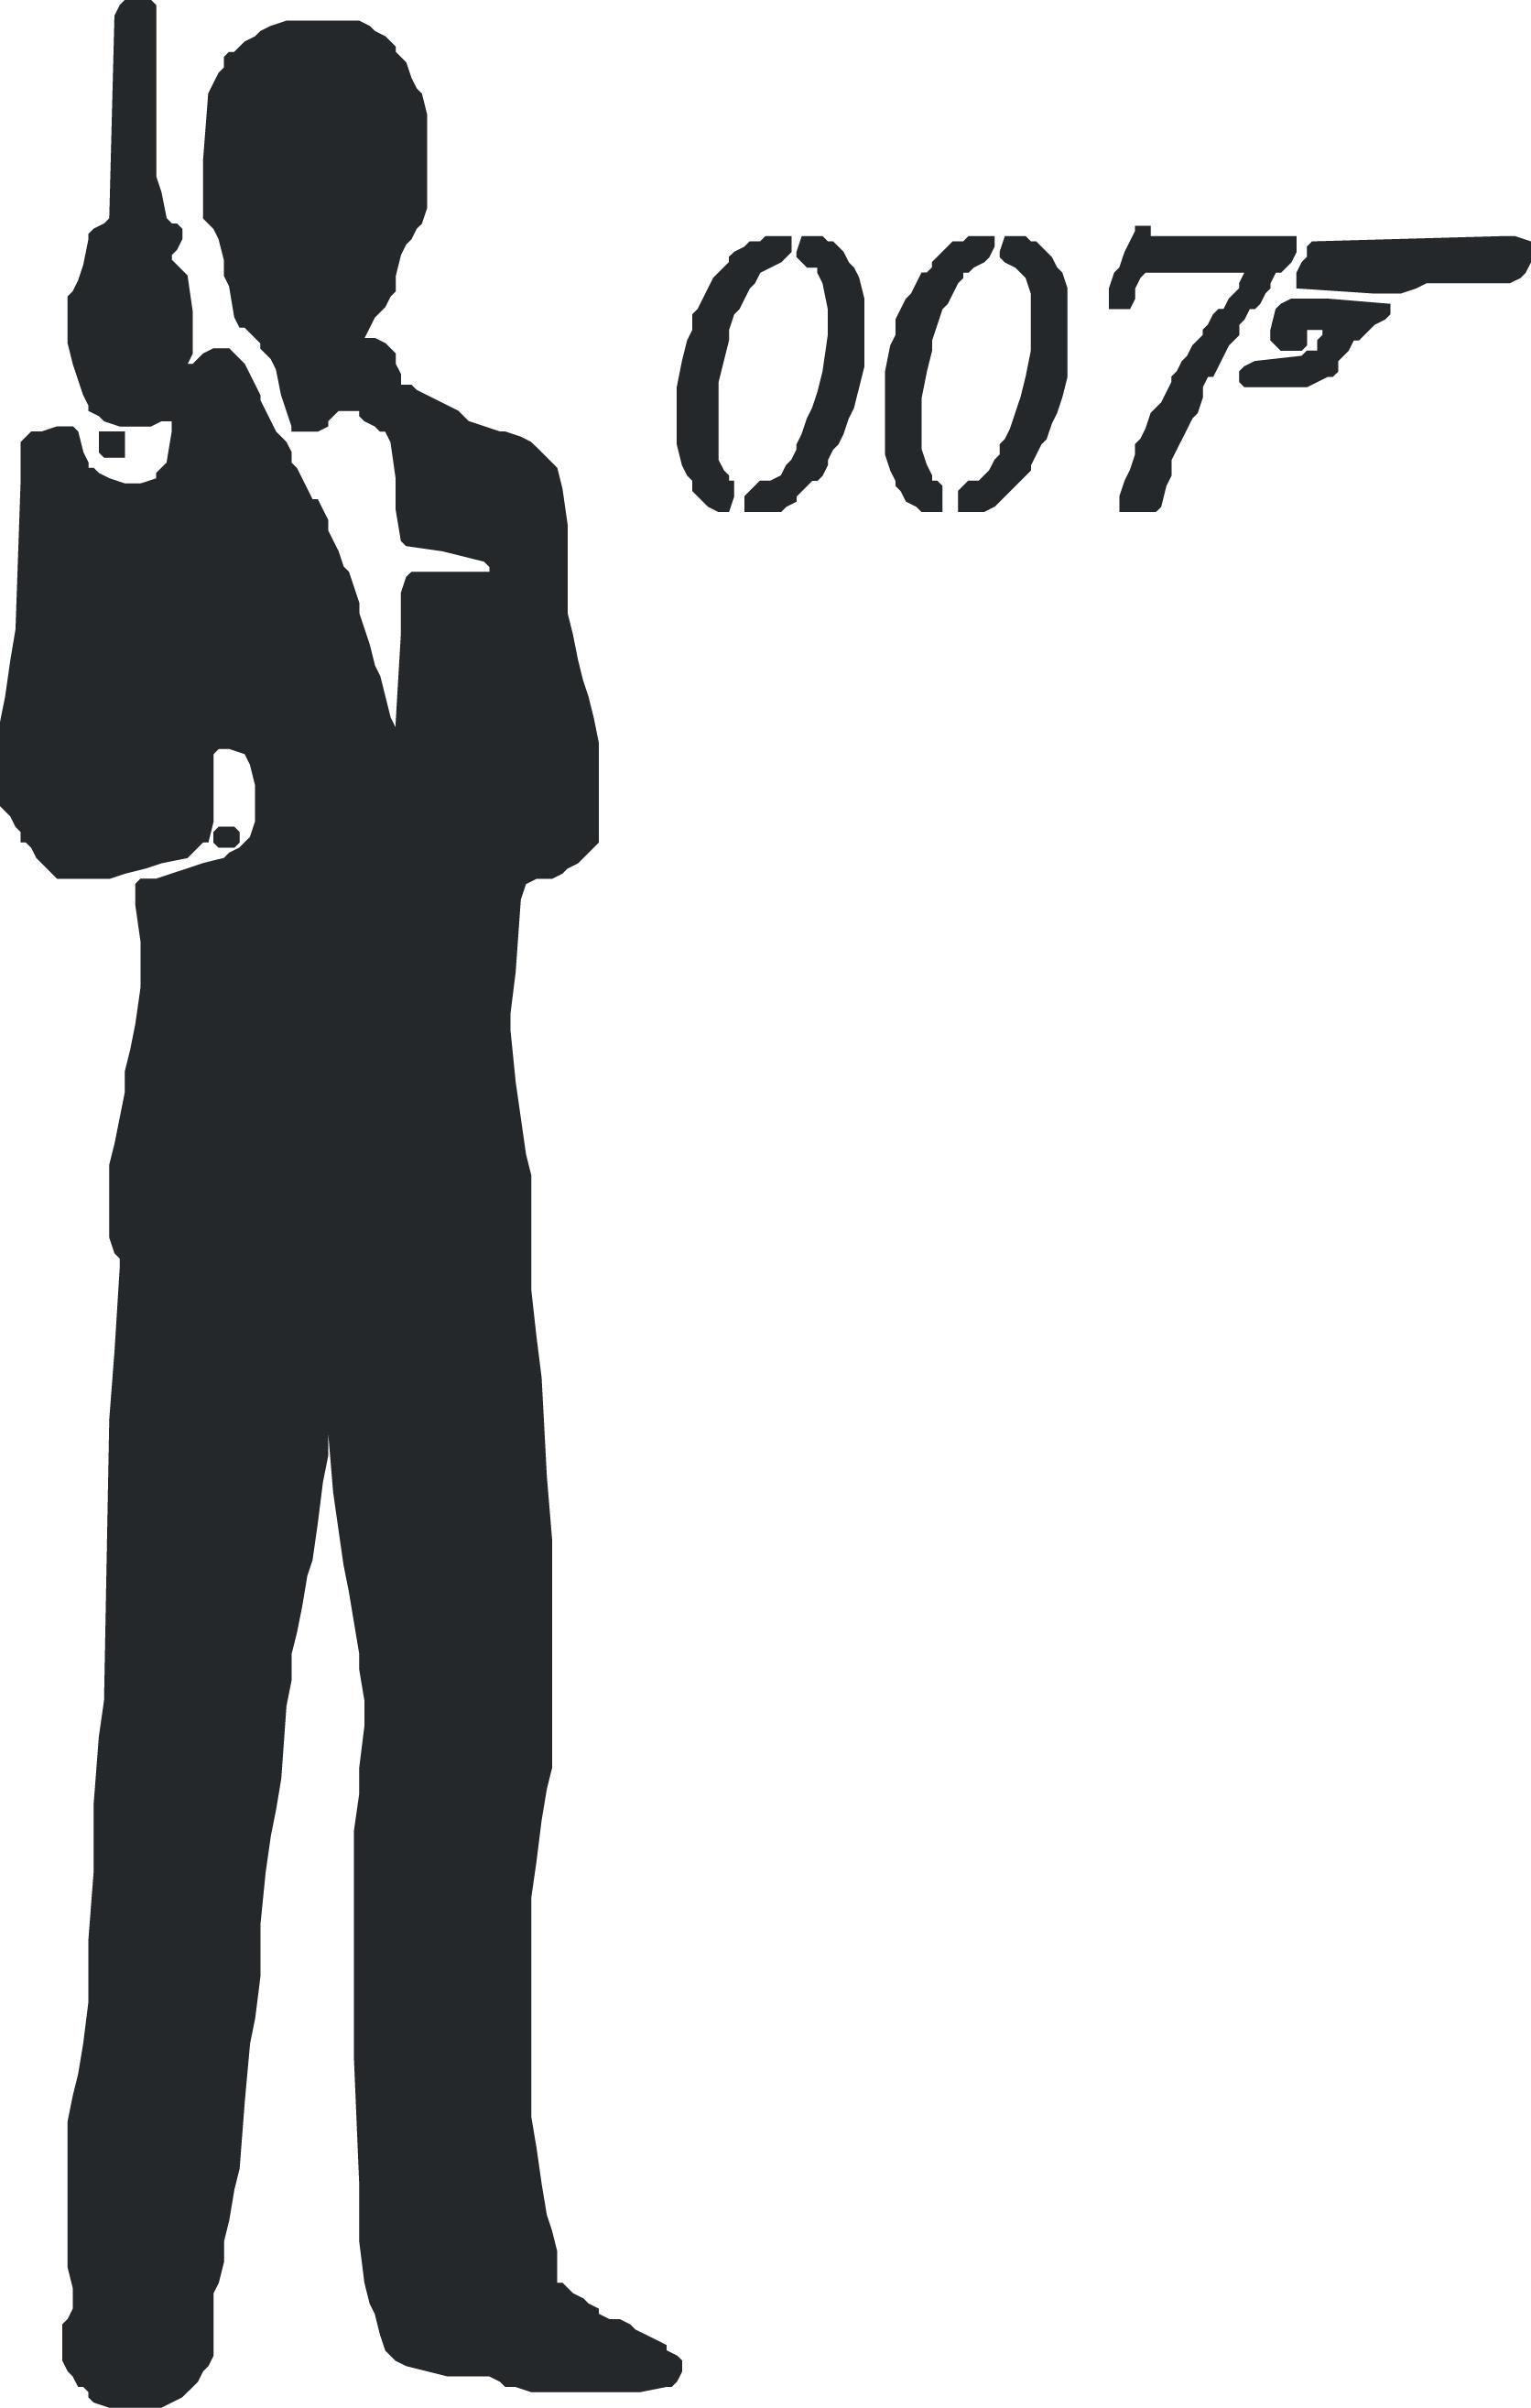 1672x2629 James Bond Logo Vector